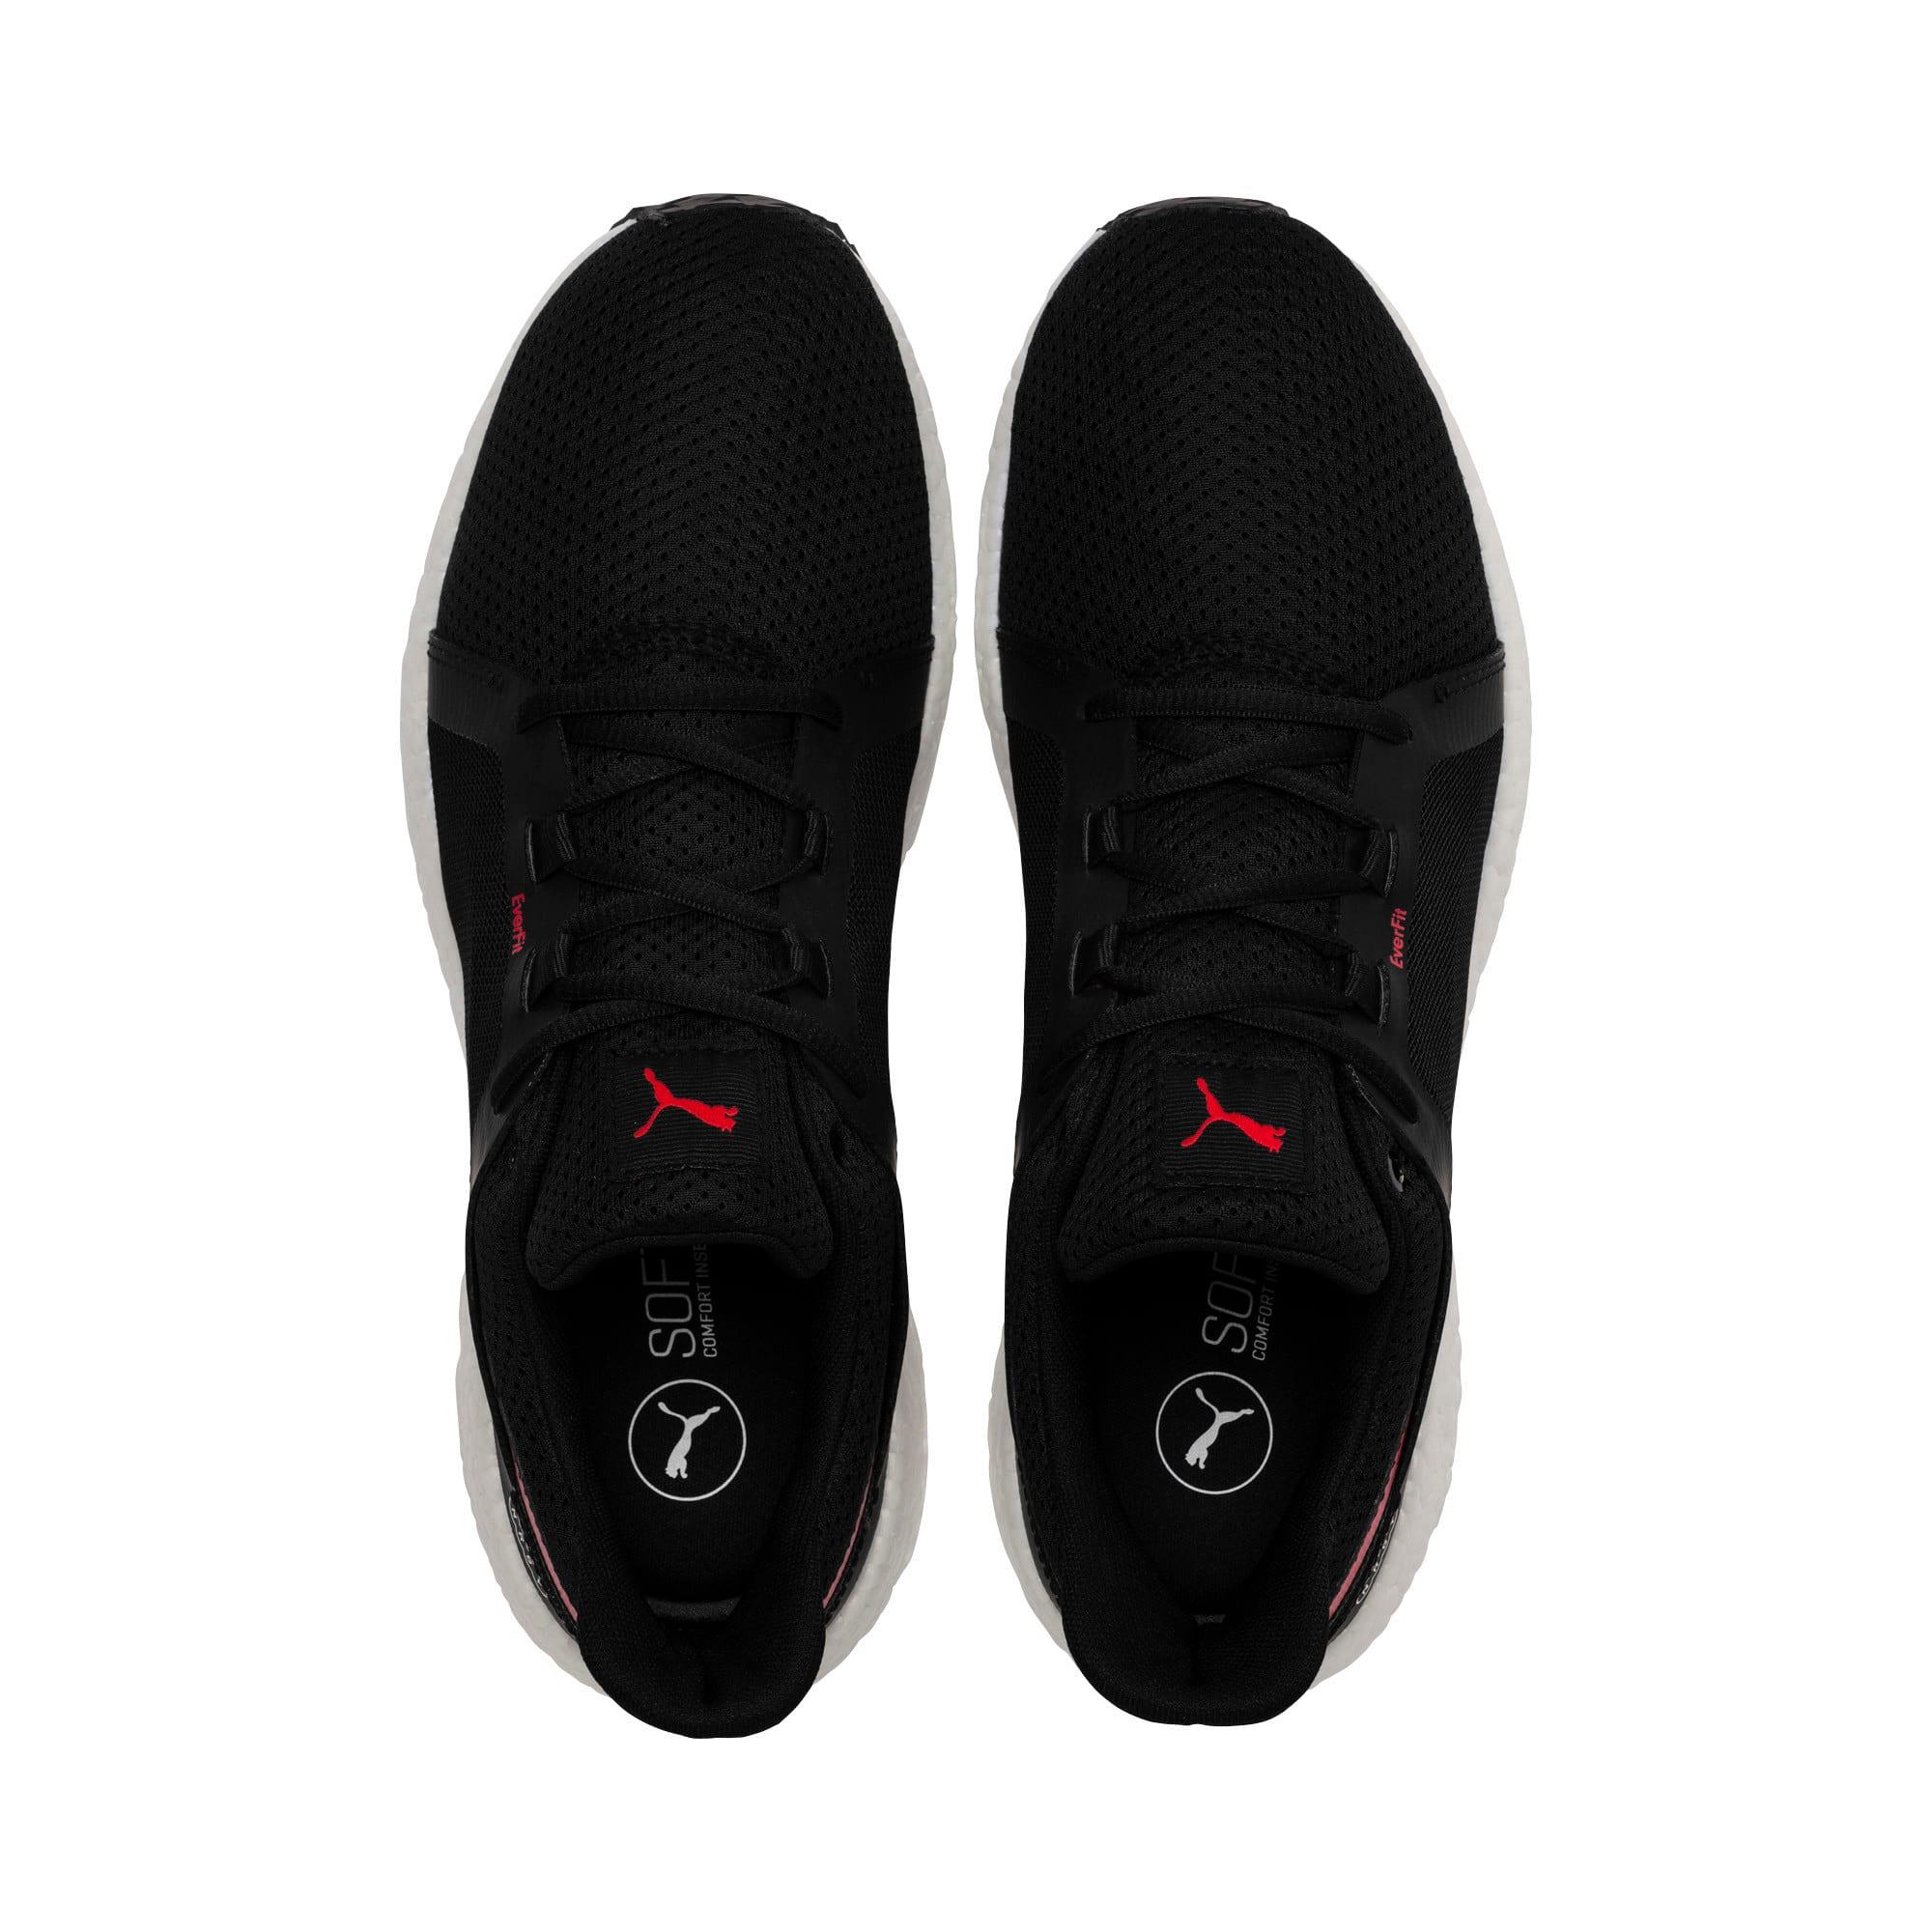 Thumbnail 6 of Mega NRGY Turbo 2 Men's Running Shoes, Puma Black-Ribbon Red, medium